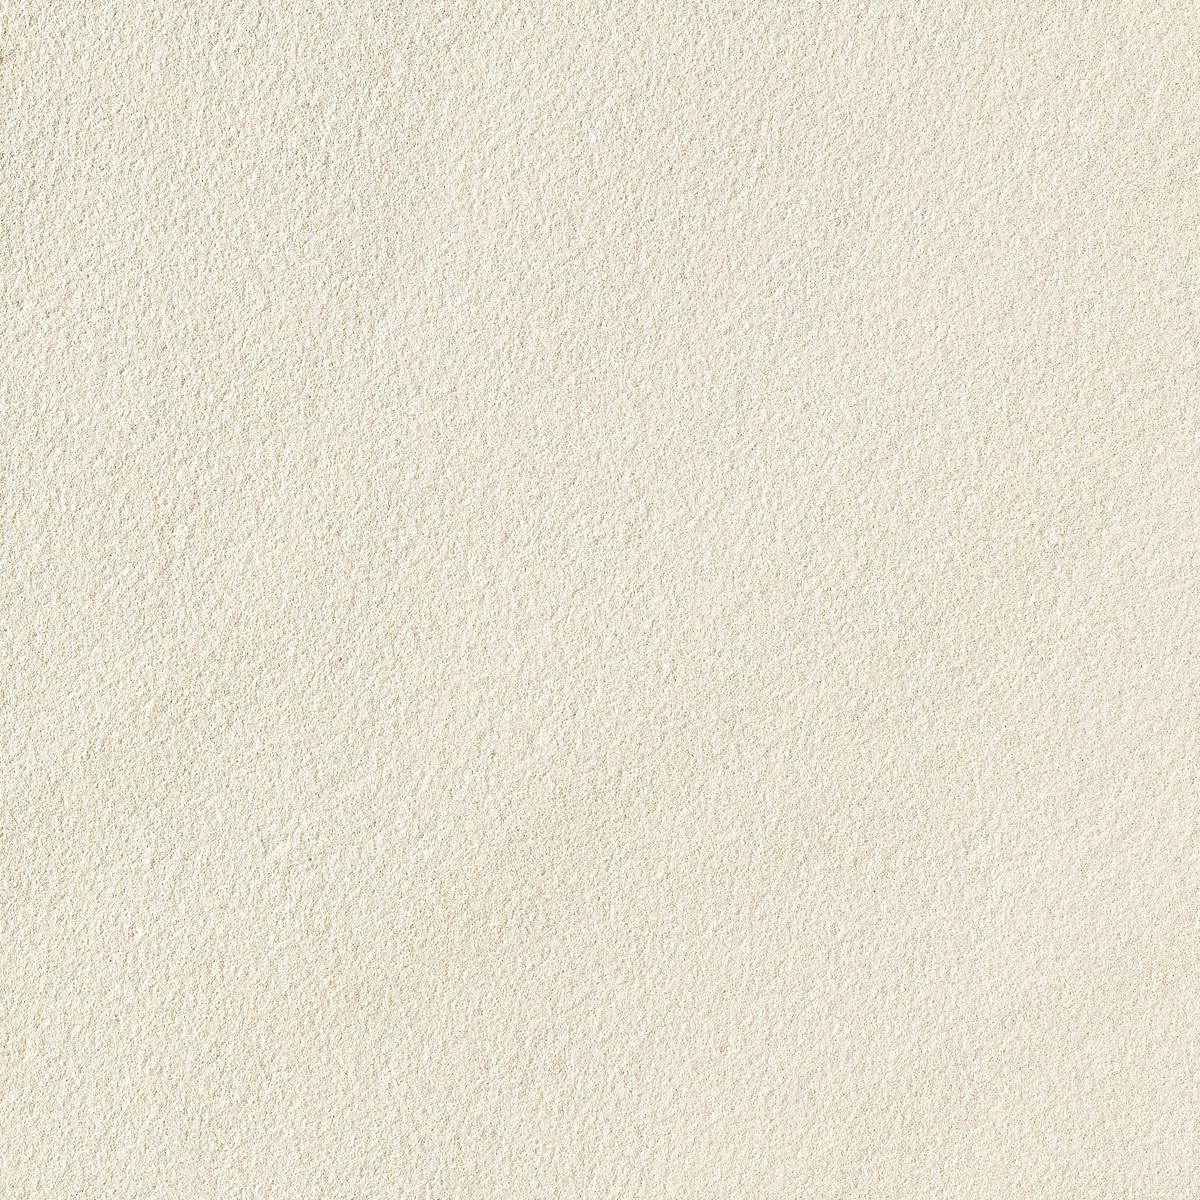 瓷磚 - 珀斯系列 - 粗糙面杏 300x600mm (8塊)